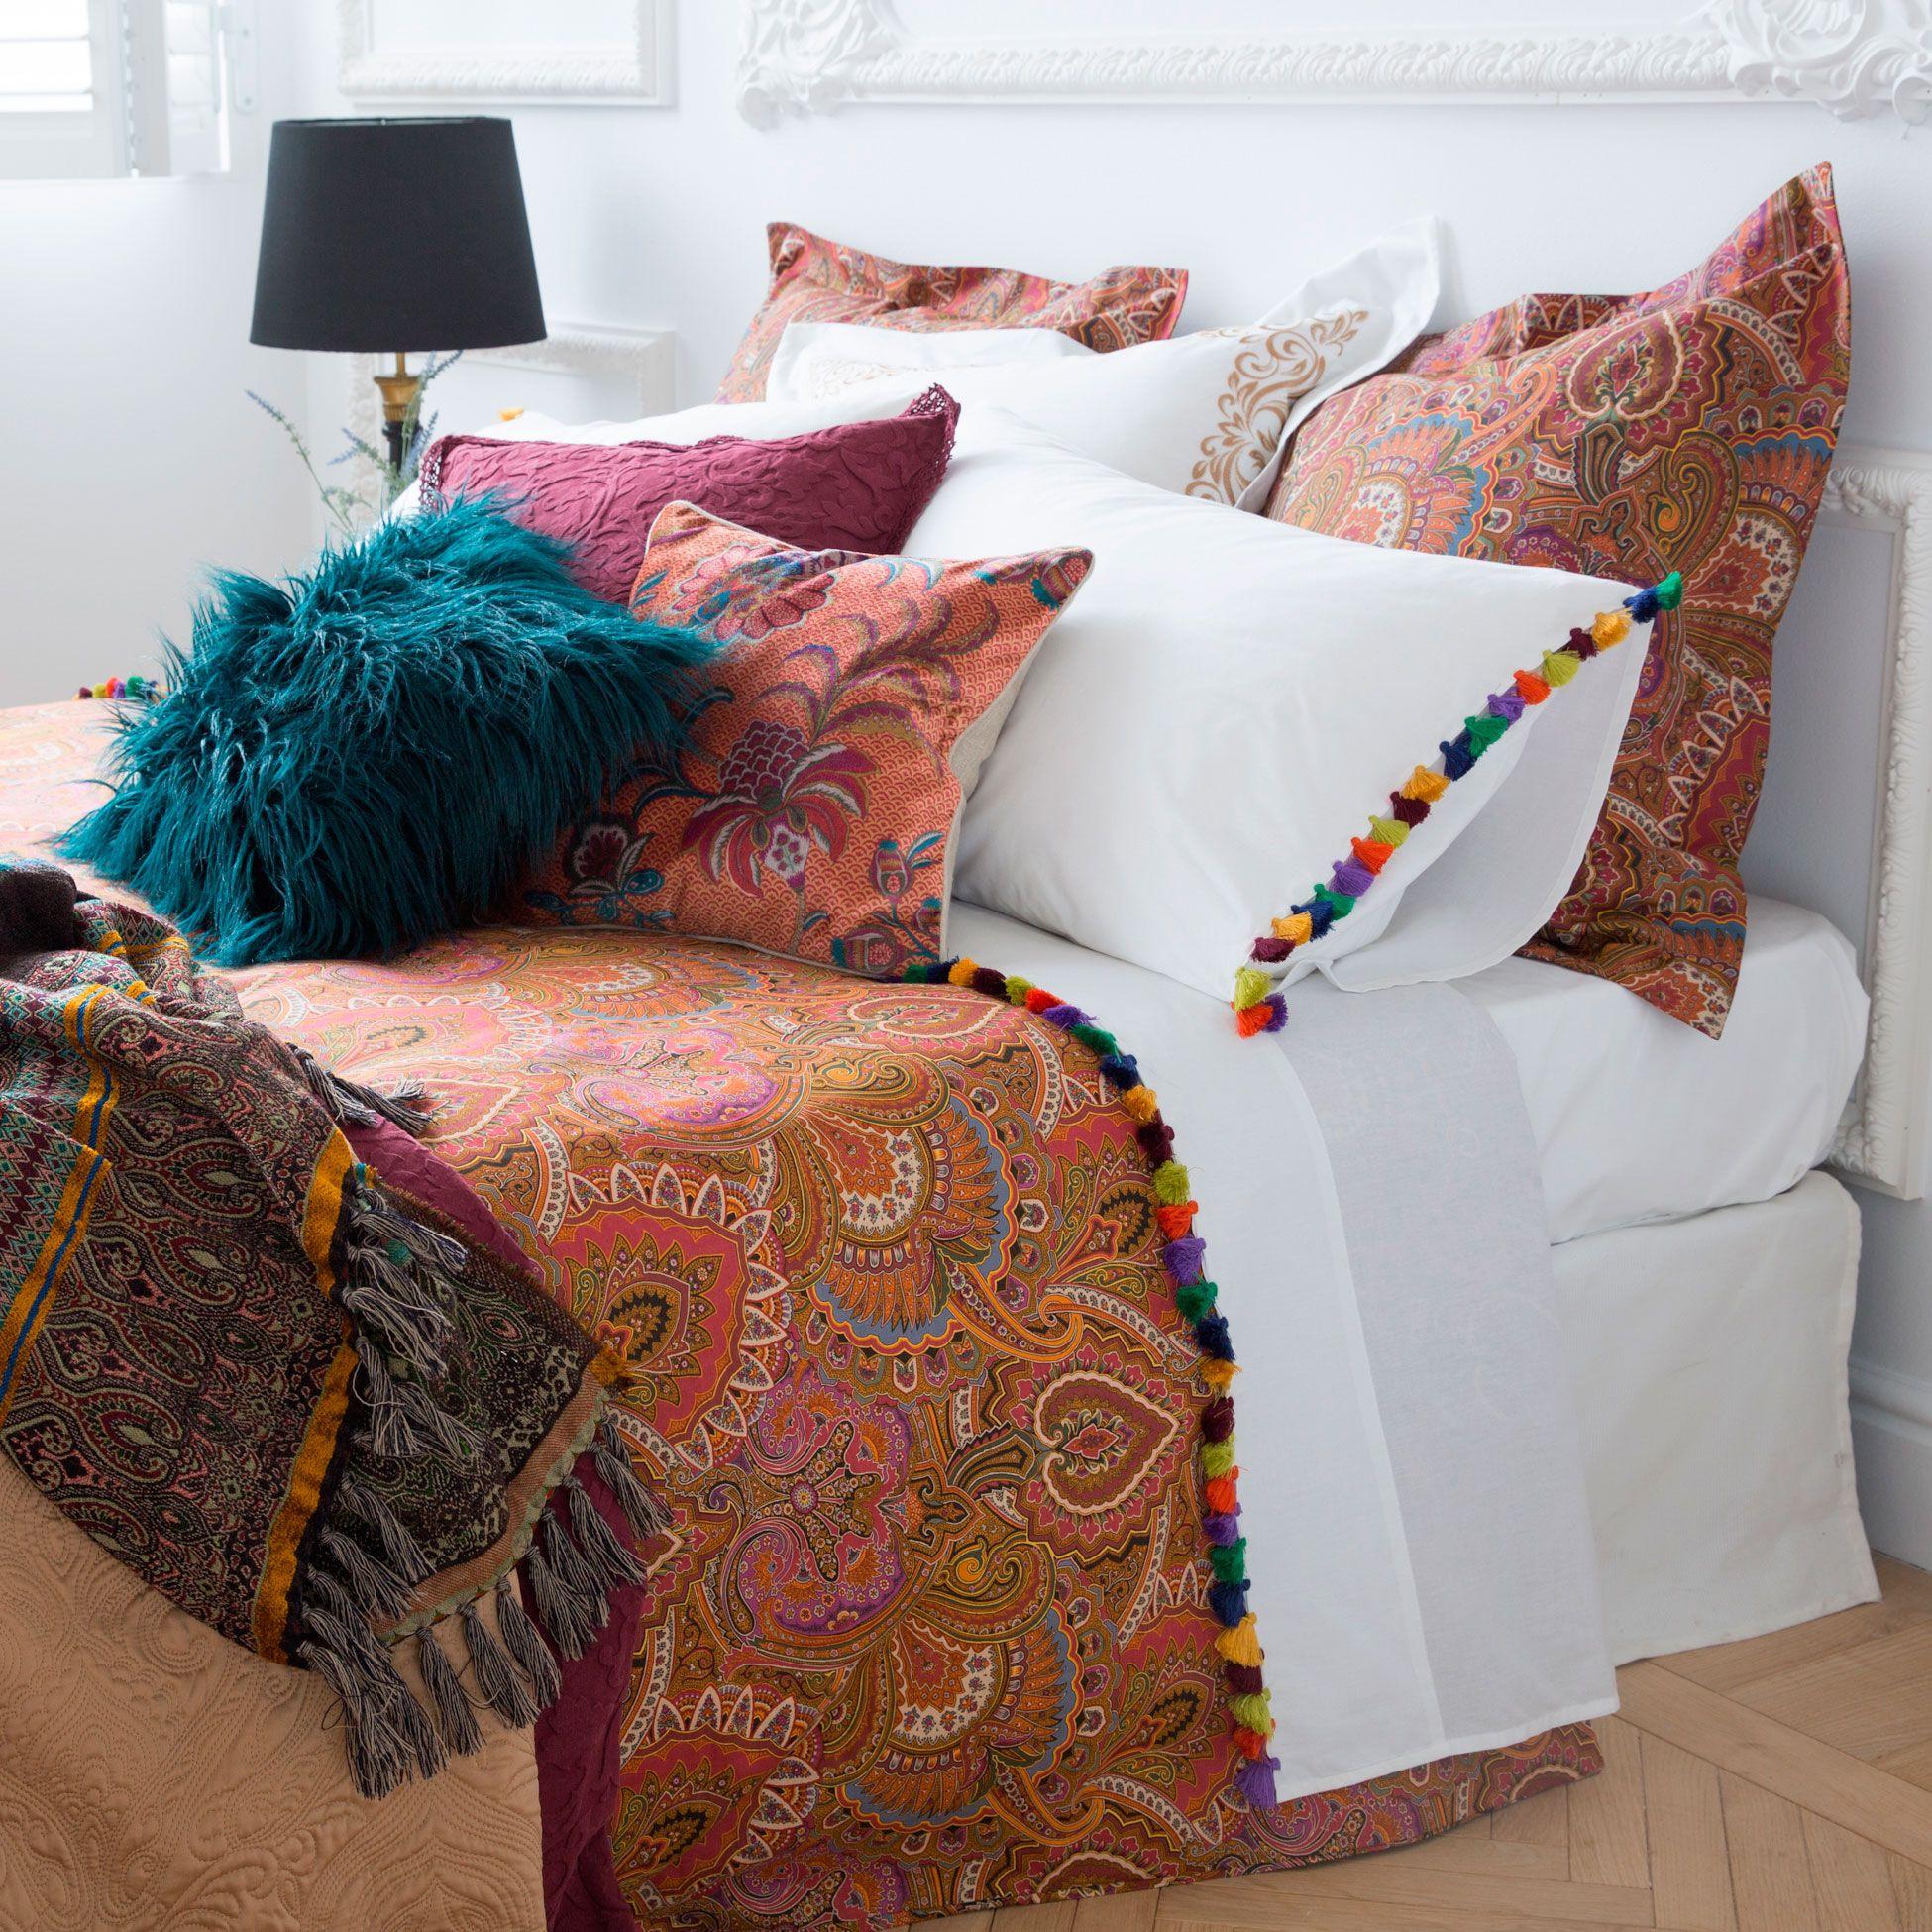 linge de lit percale coton gyptien pompon pinterest coton egyptien linge de lit et egyptien. Black Bedroom Furniture Sets. Home Design Ideas